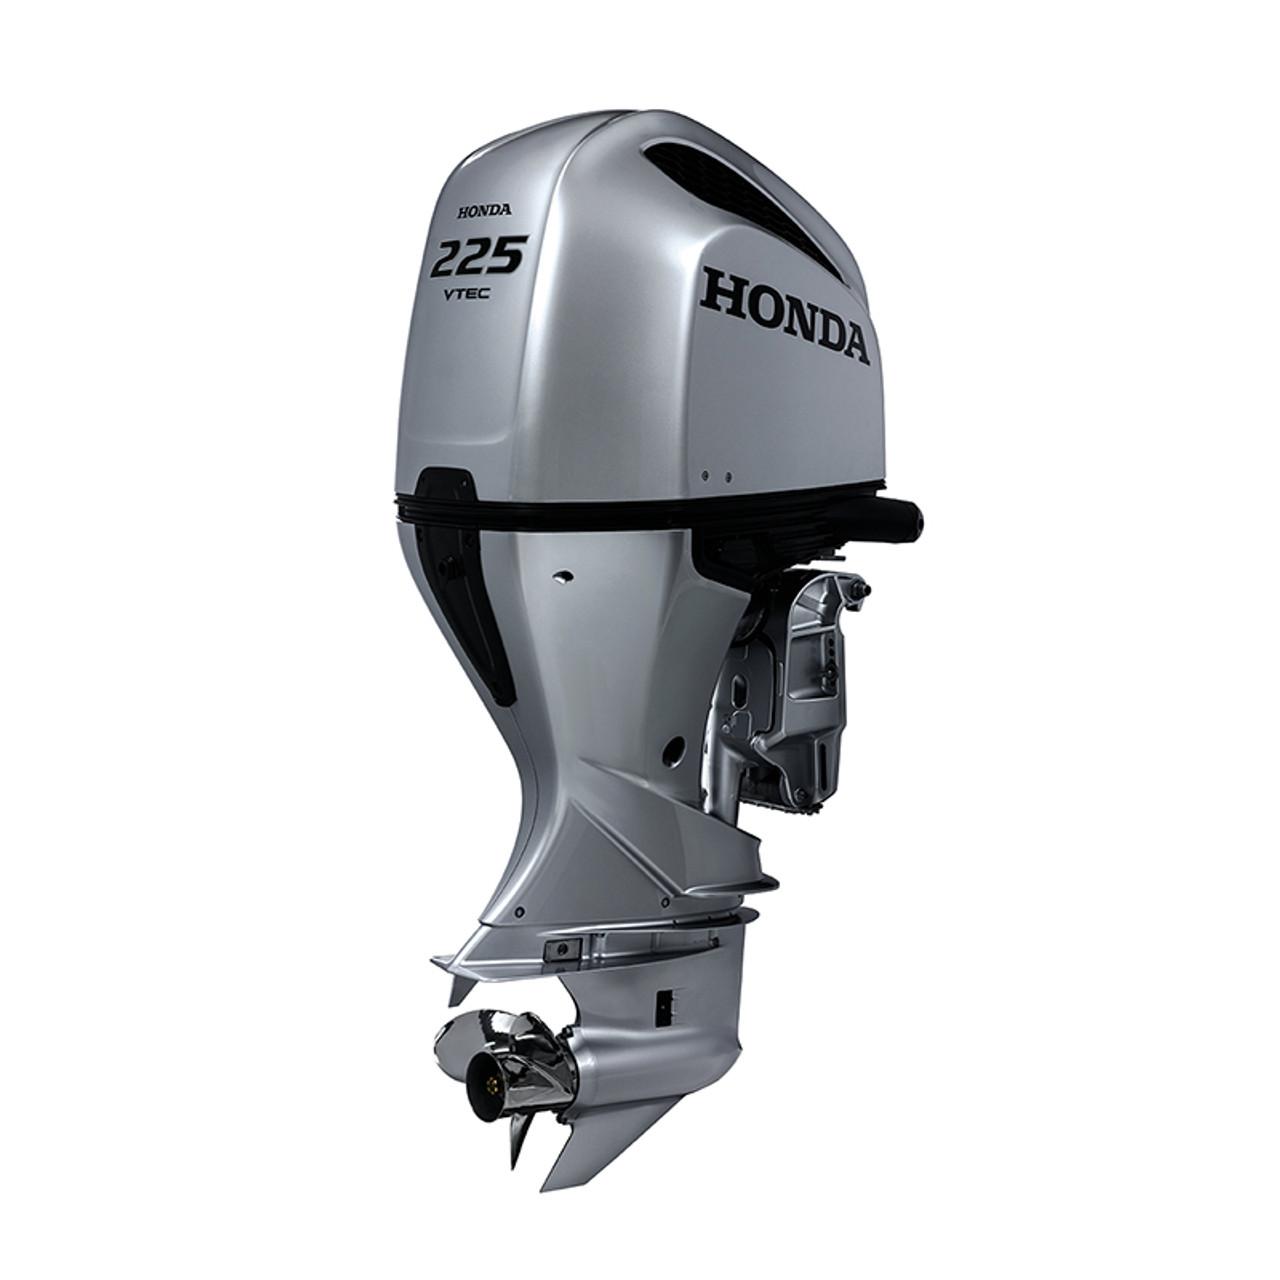 medium resolution of new 2019 honda bf225 4 stroke outboard motor